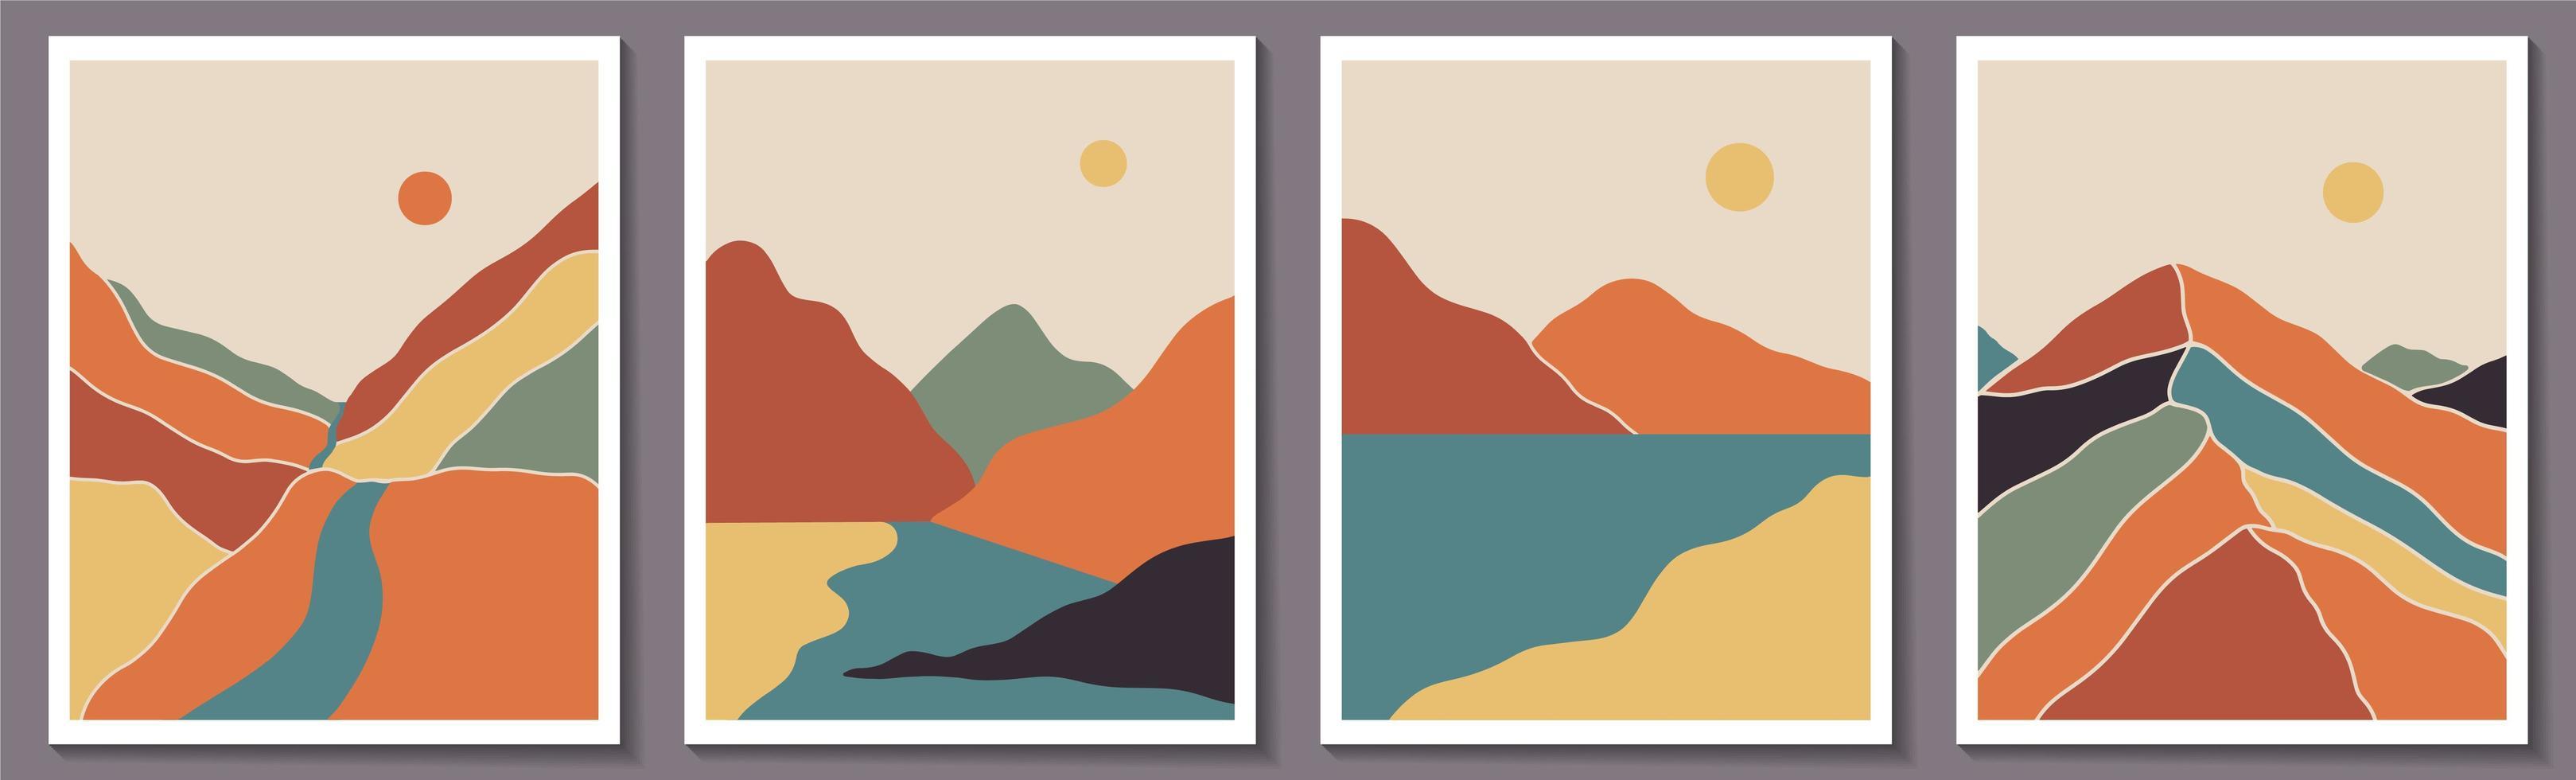 paysage contemporain boho posters vecteur